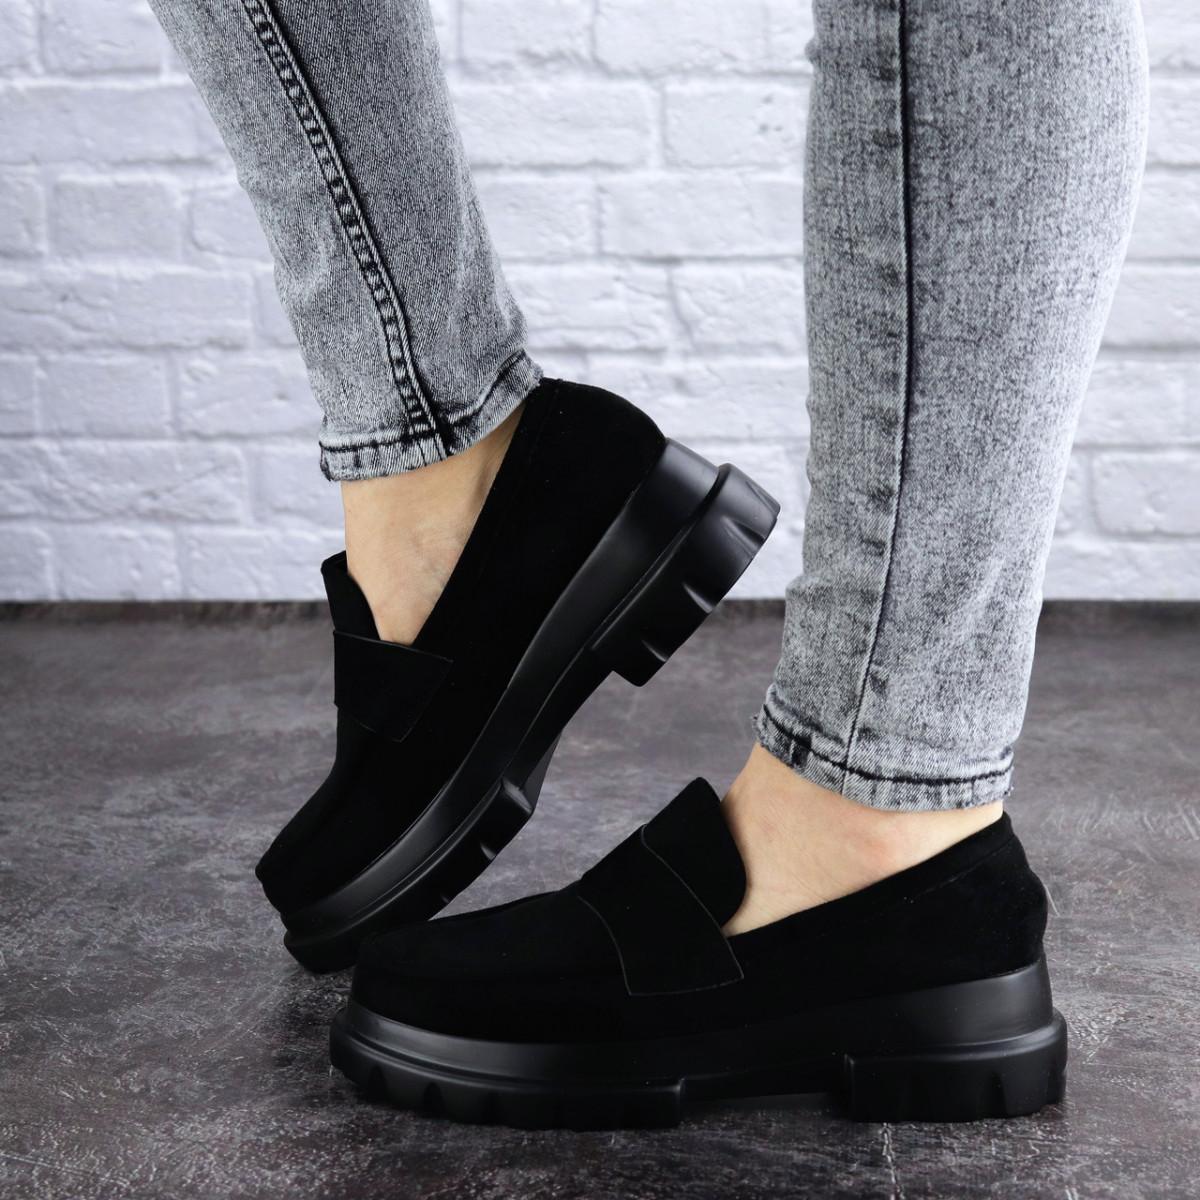 Женские туфли Fashion Sloggo 2031 37 размер 24 см Черный